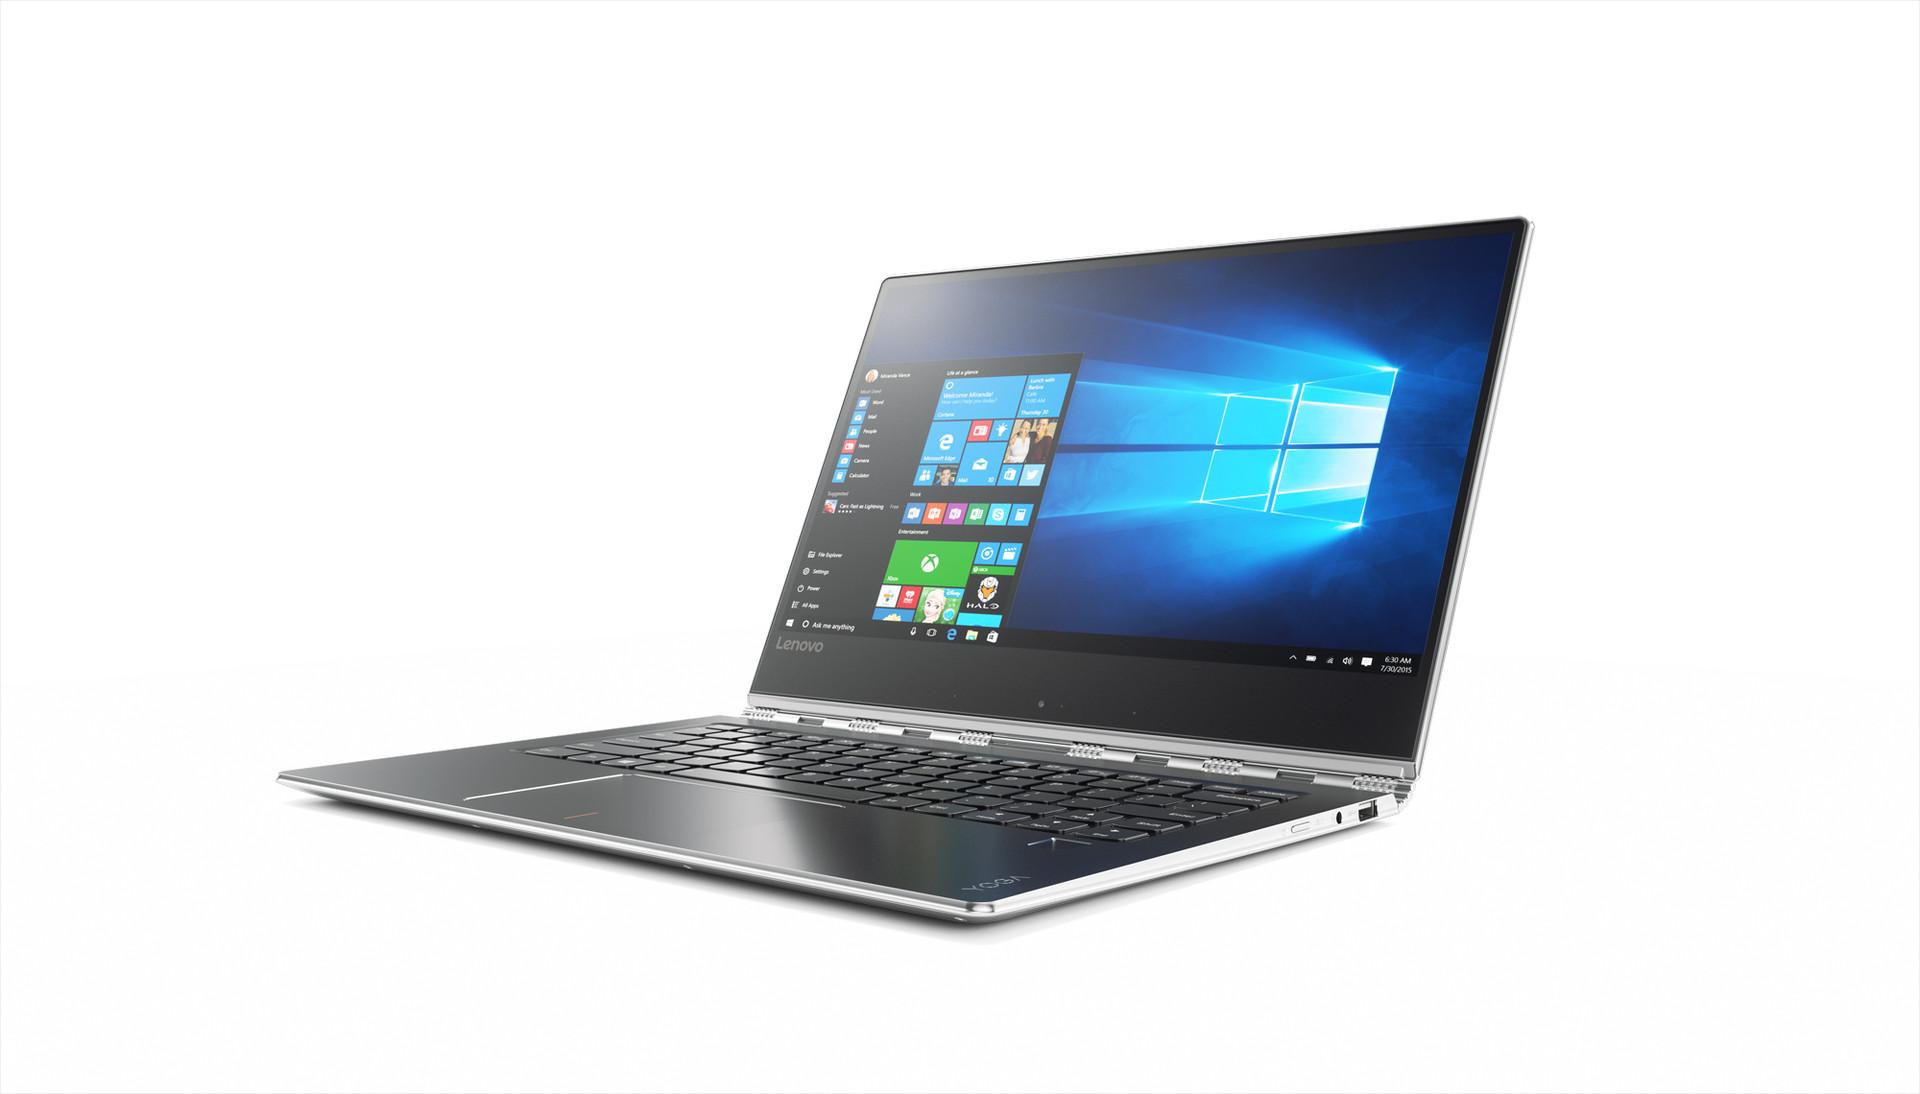 Lenovo Yoga 910 600 02 e